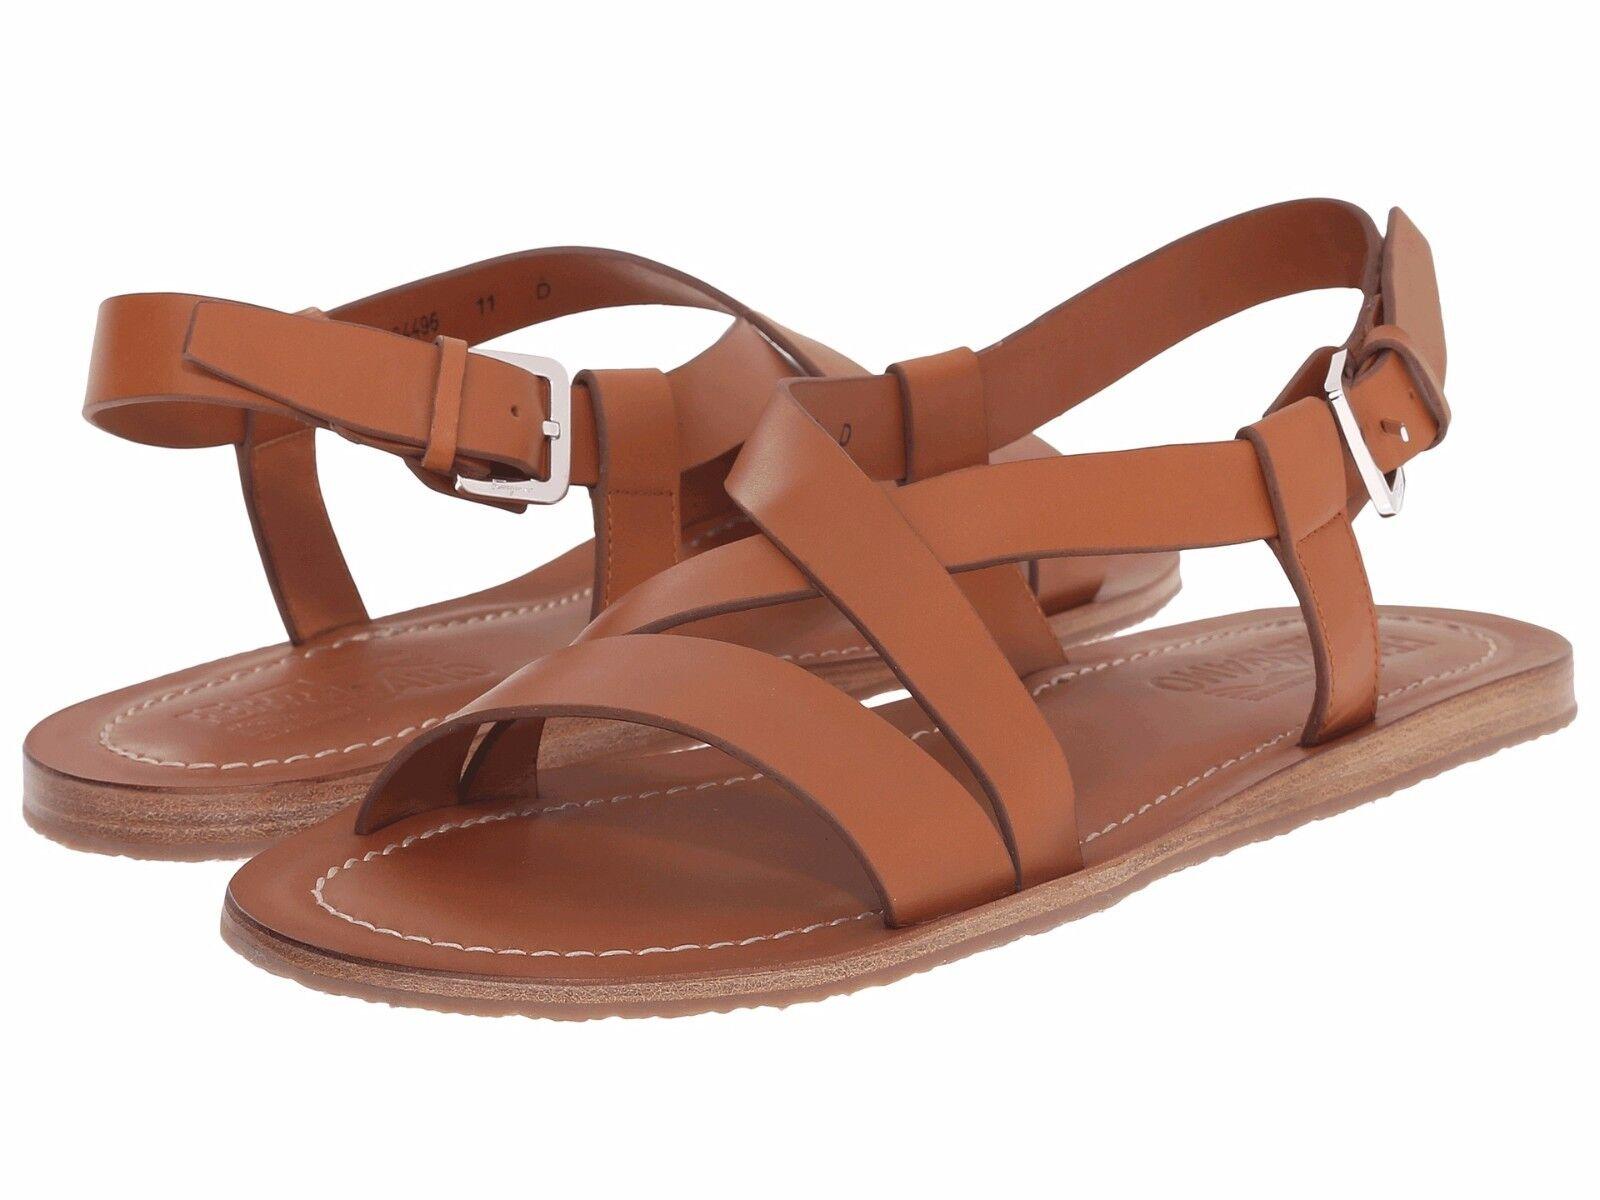 495 Salvatore Ferragamo Nostro Sandal US Dimensione 13